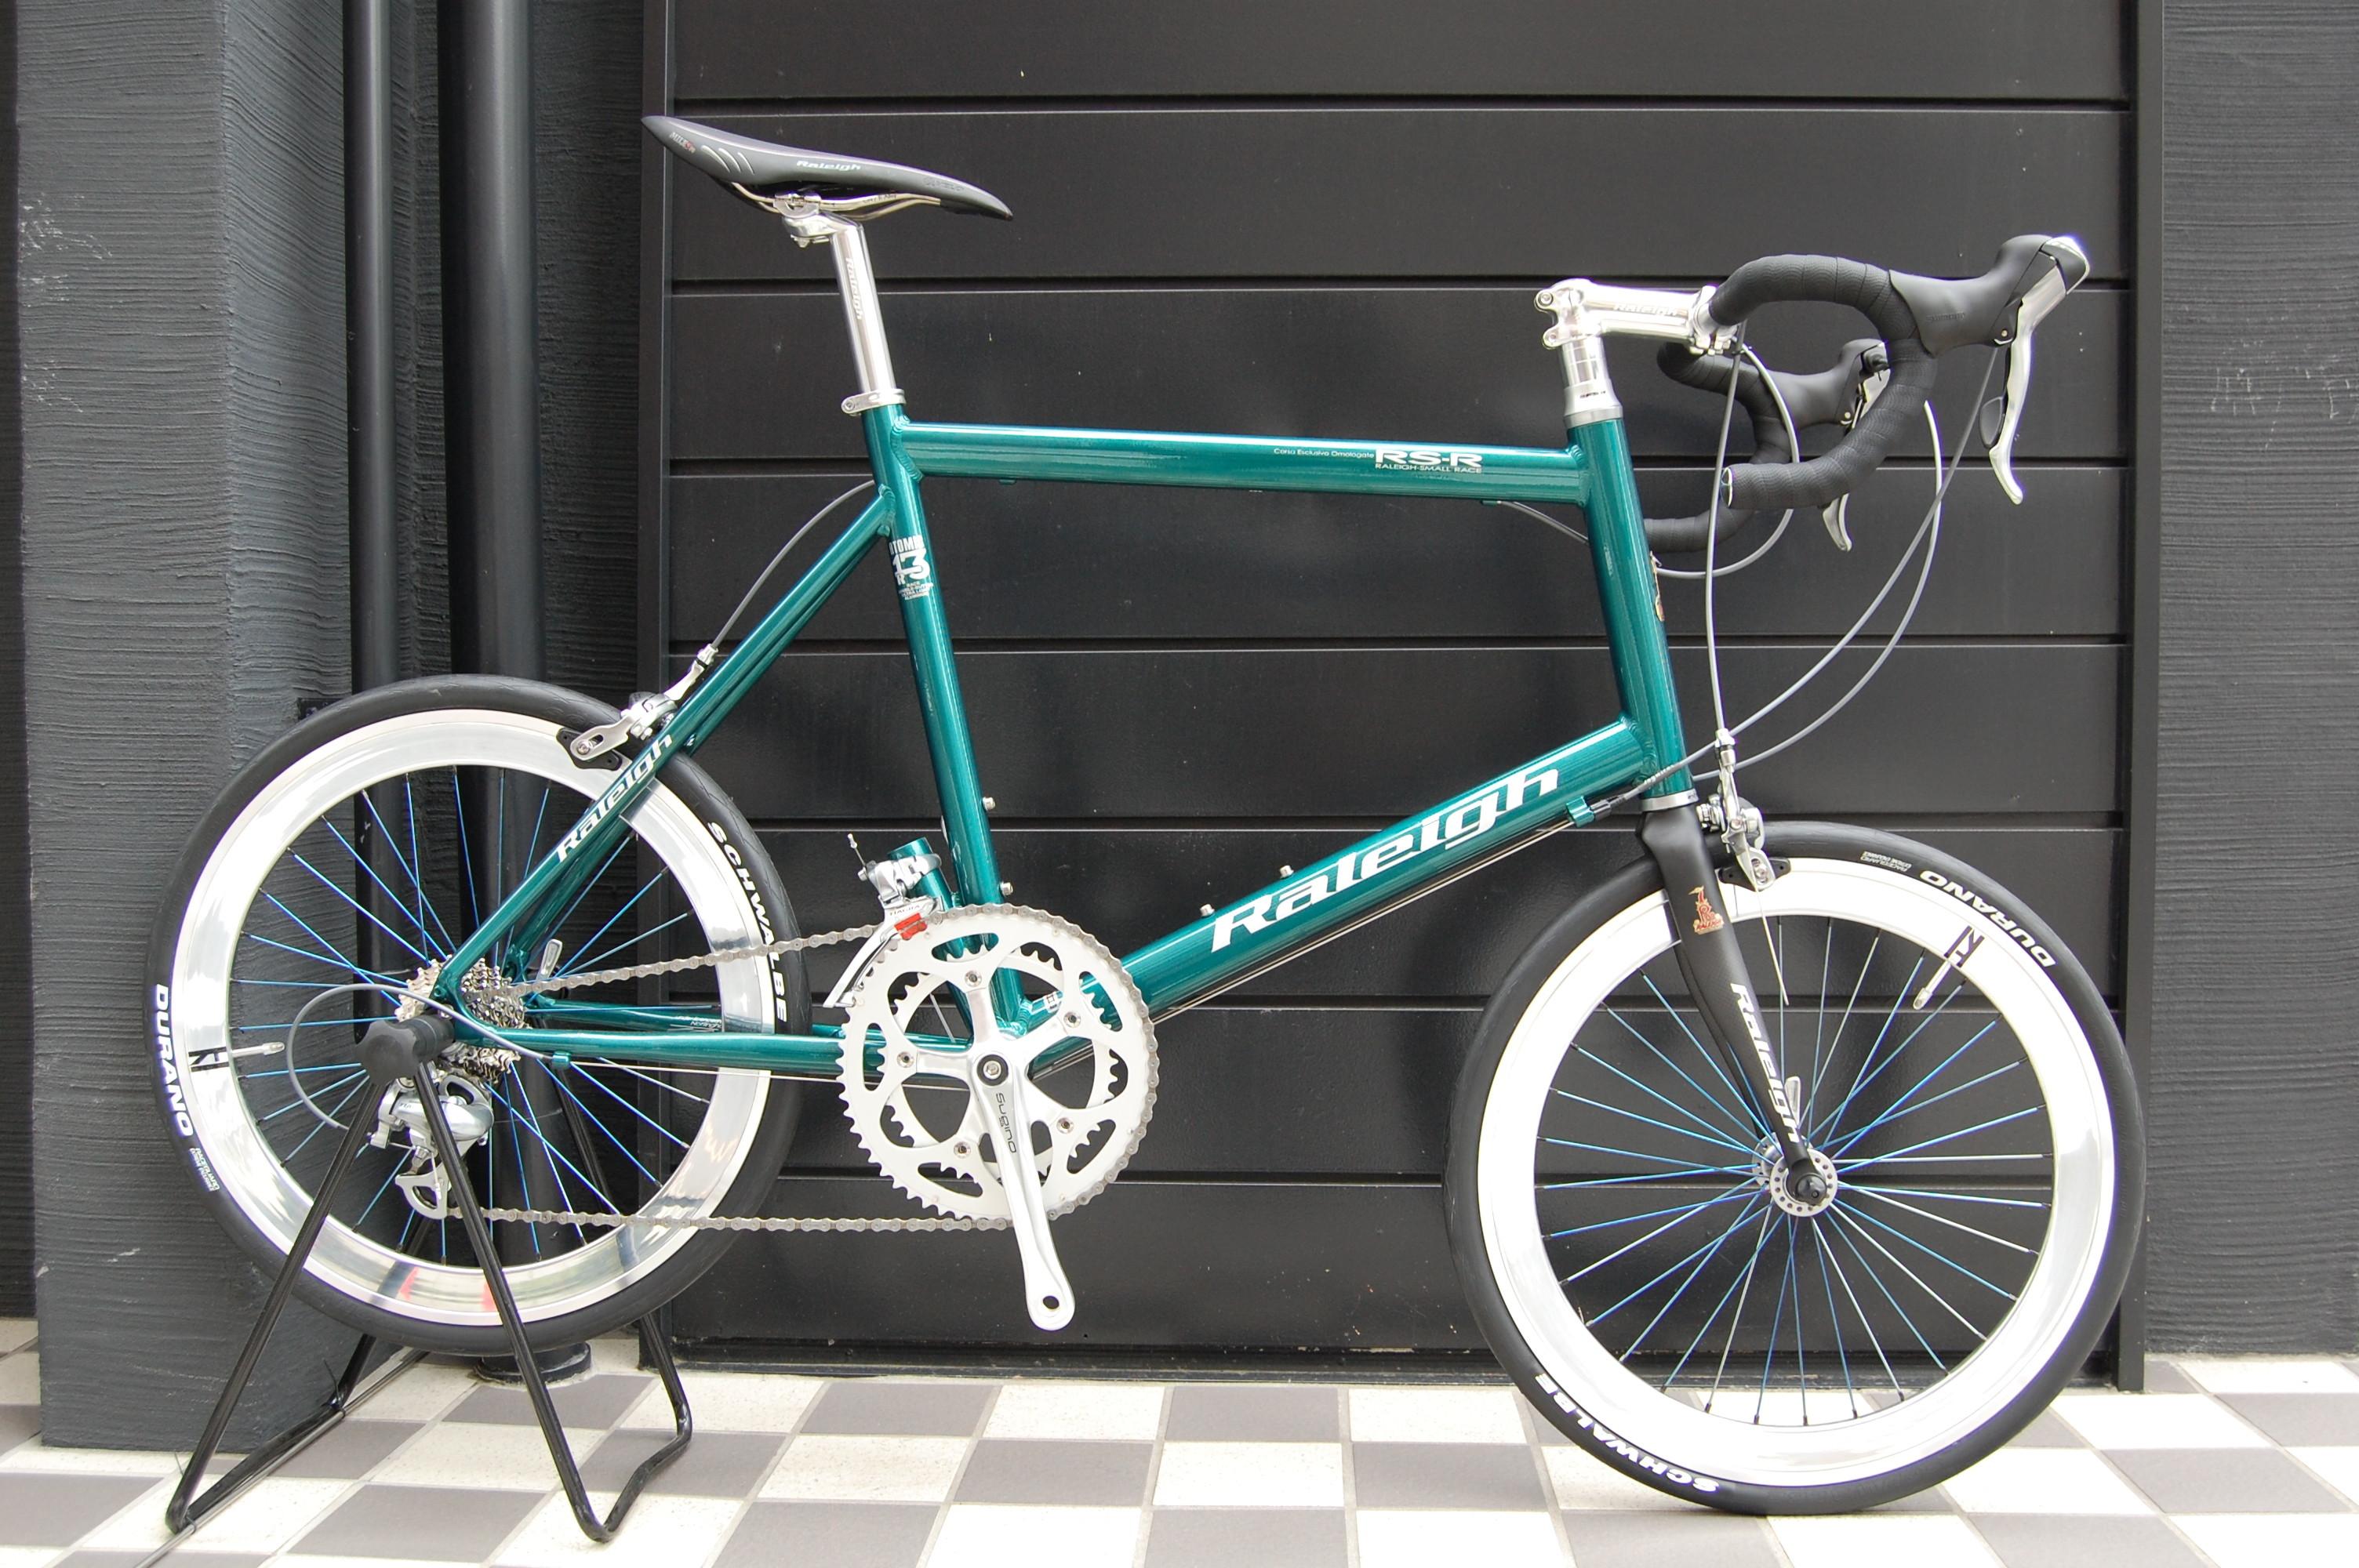 自転車の ラレー 自転車 ミニベロ : 橋輪 : ミニベロ ディープリム ...